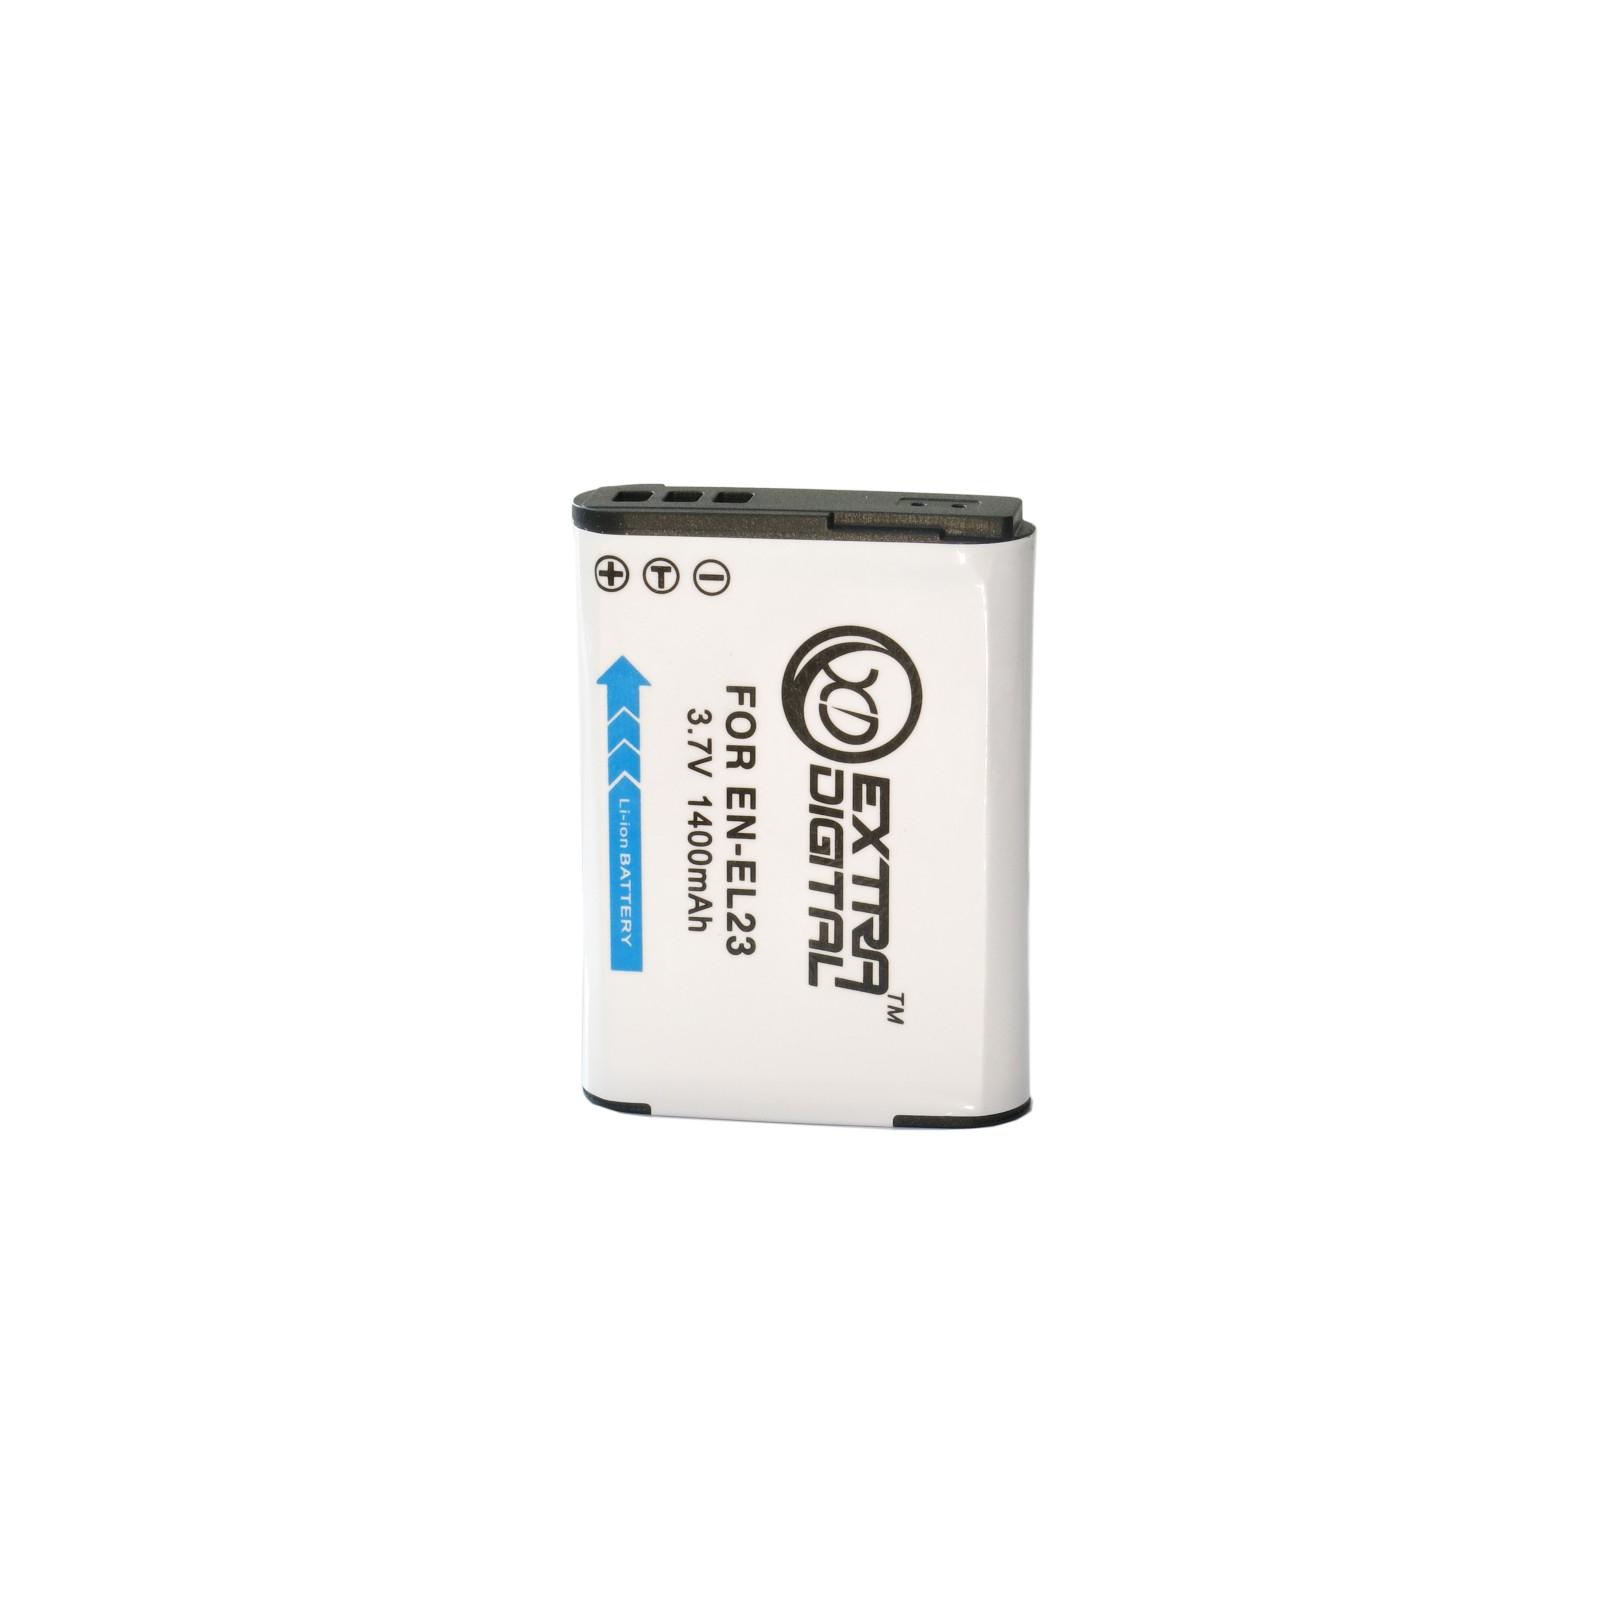 Аккумулятор к фото/видео EXTRADIGITAL Nikon EN-EL23 (BDN2529) изображение 2